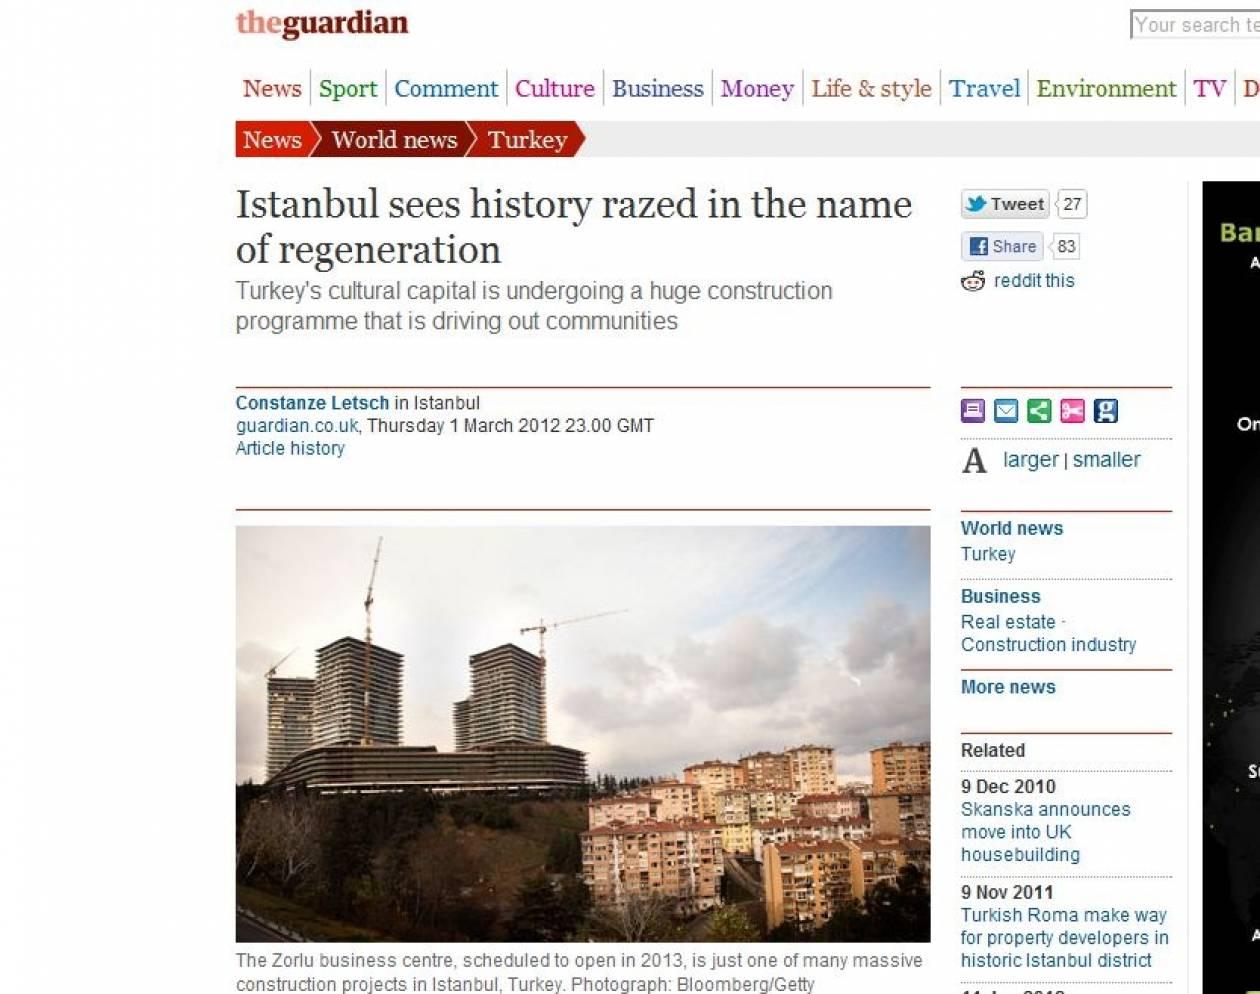 Guardian: Γκρεμίζουν την ελληνική συνοικία της Κωνσταντινούπολης